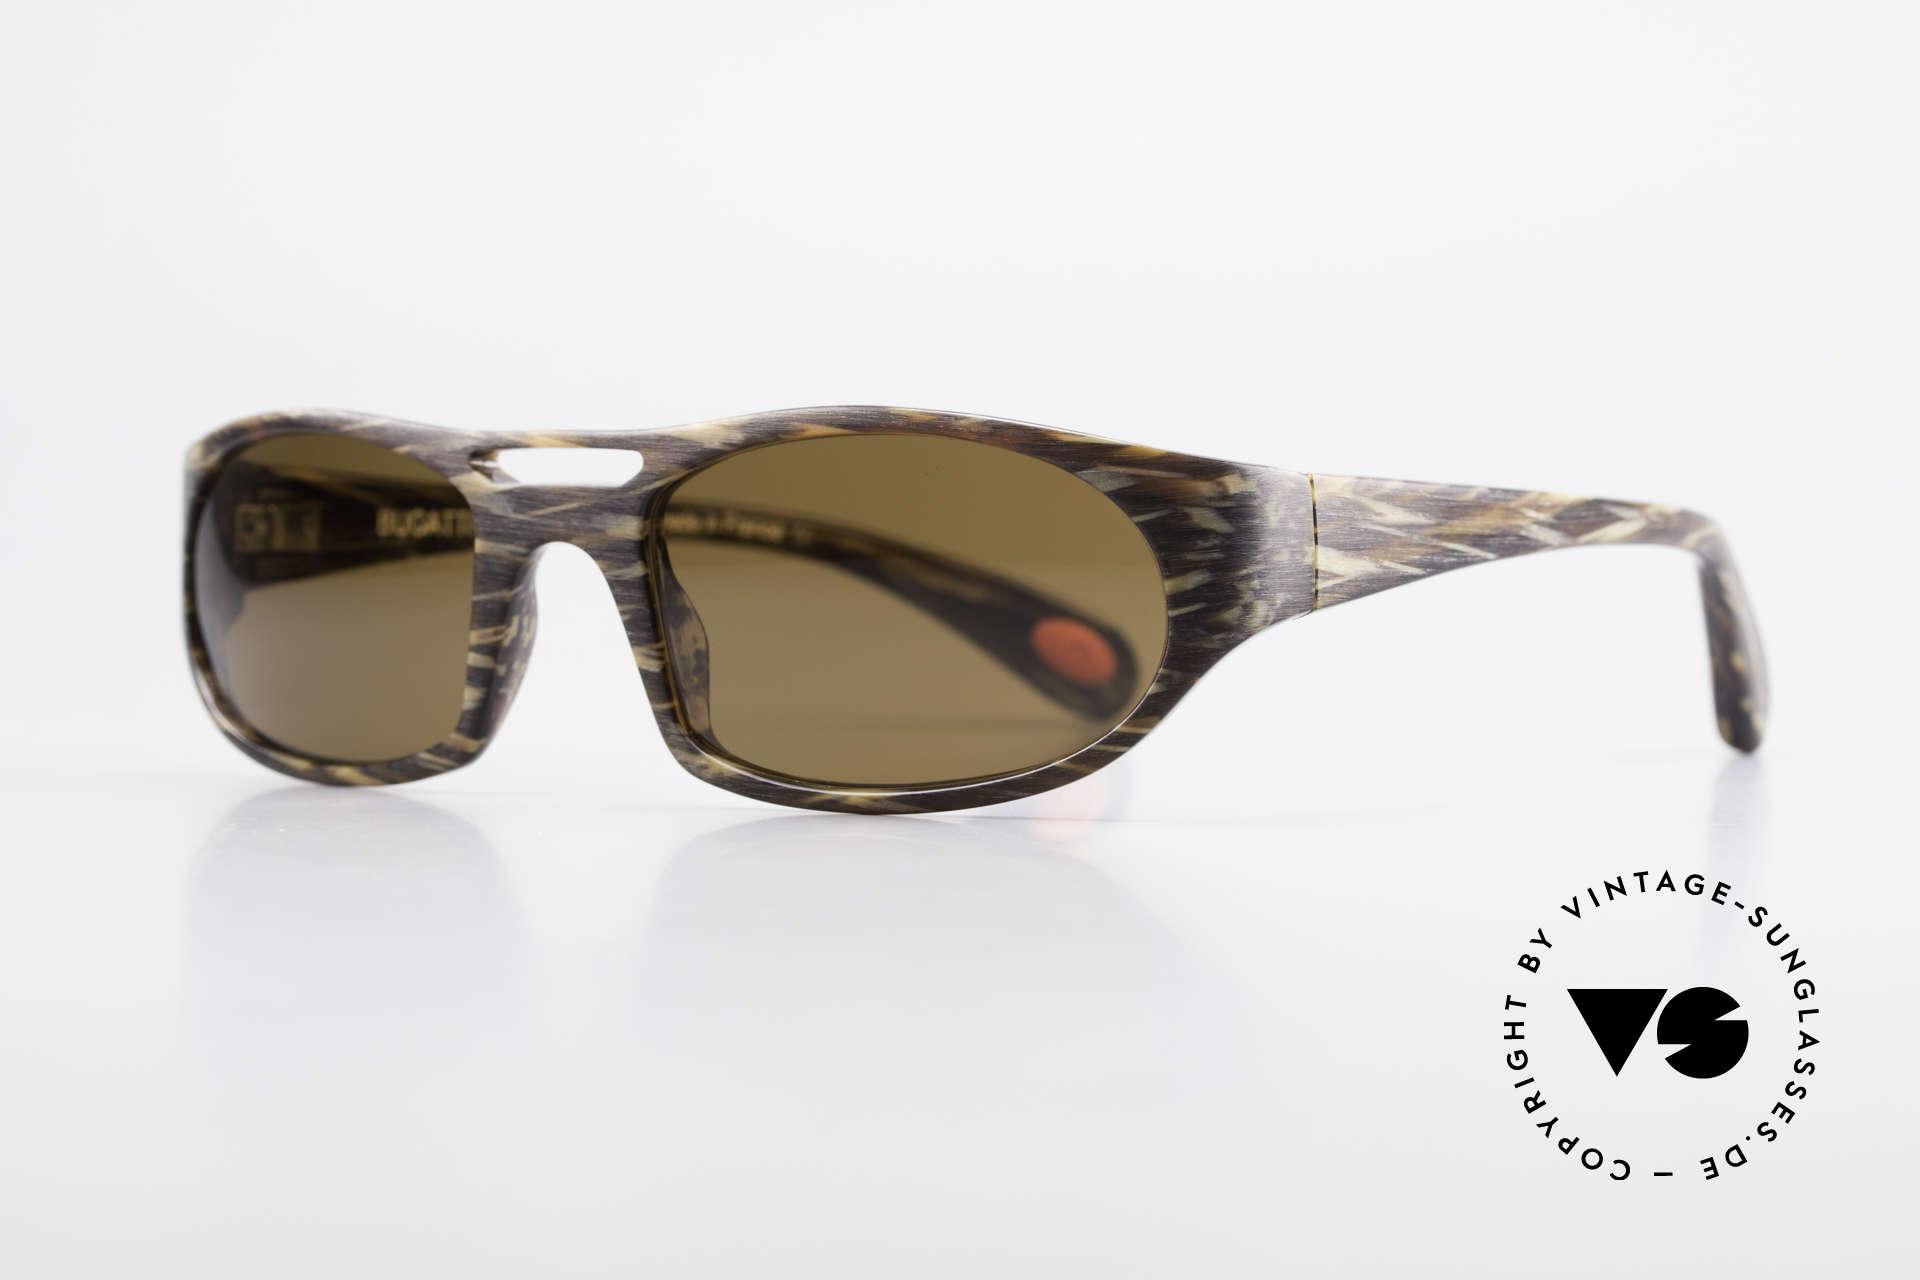 Bugatti 220 Designer Luxus Sonnenbrille, optimaler Tragekomfort dank Feder-Scharnieren, Passend für Herren